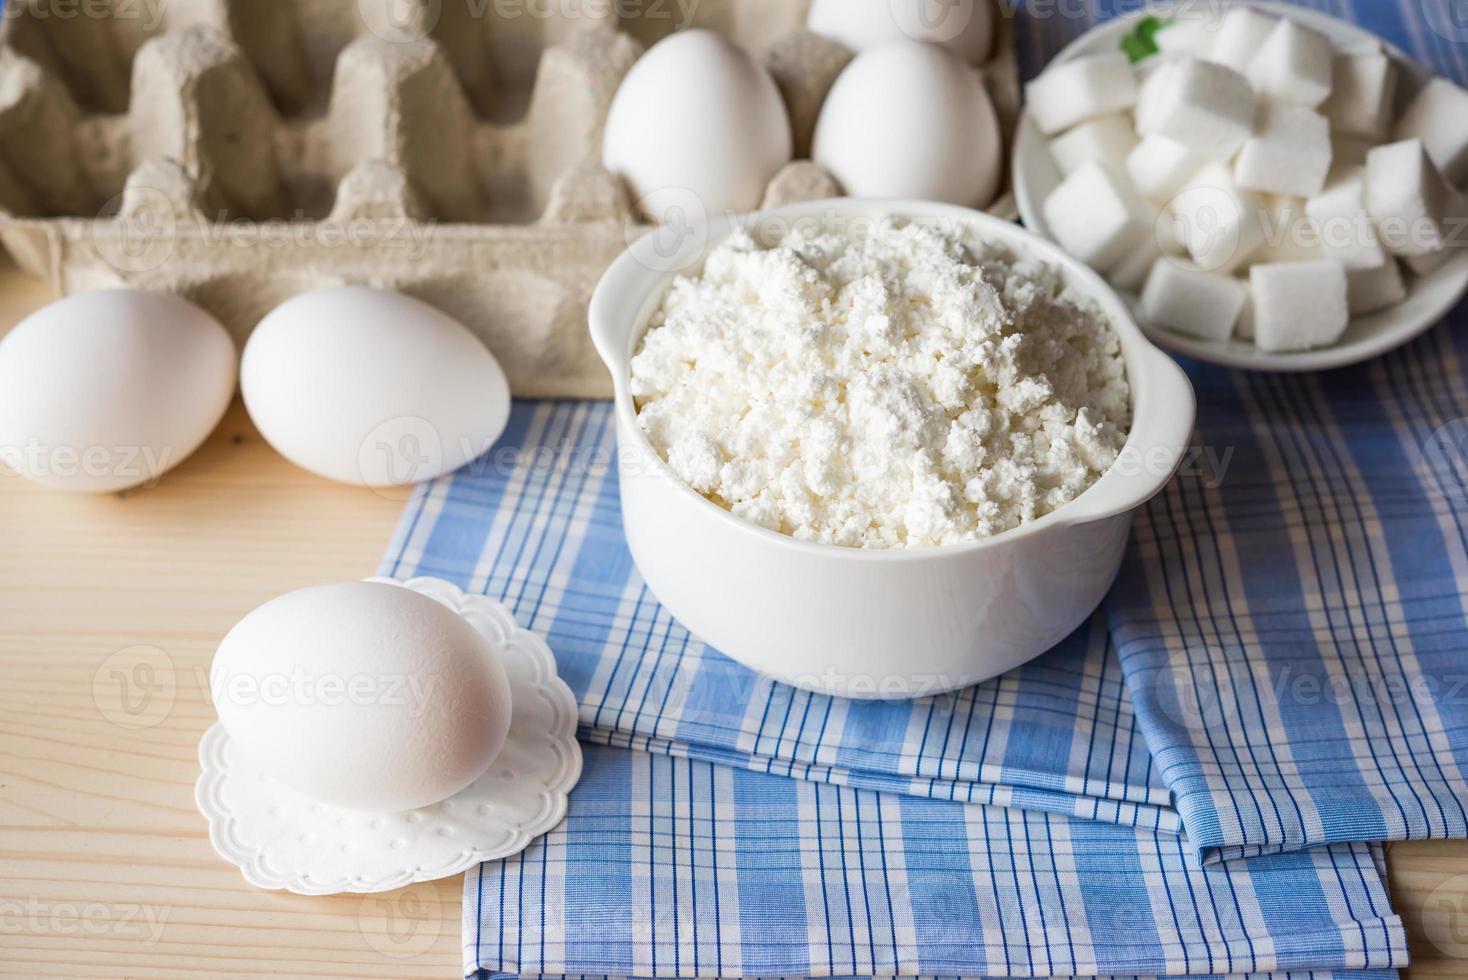 prodotti lattiero-caseari. ricotta e uova foto